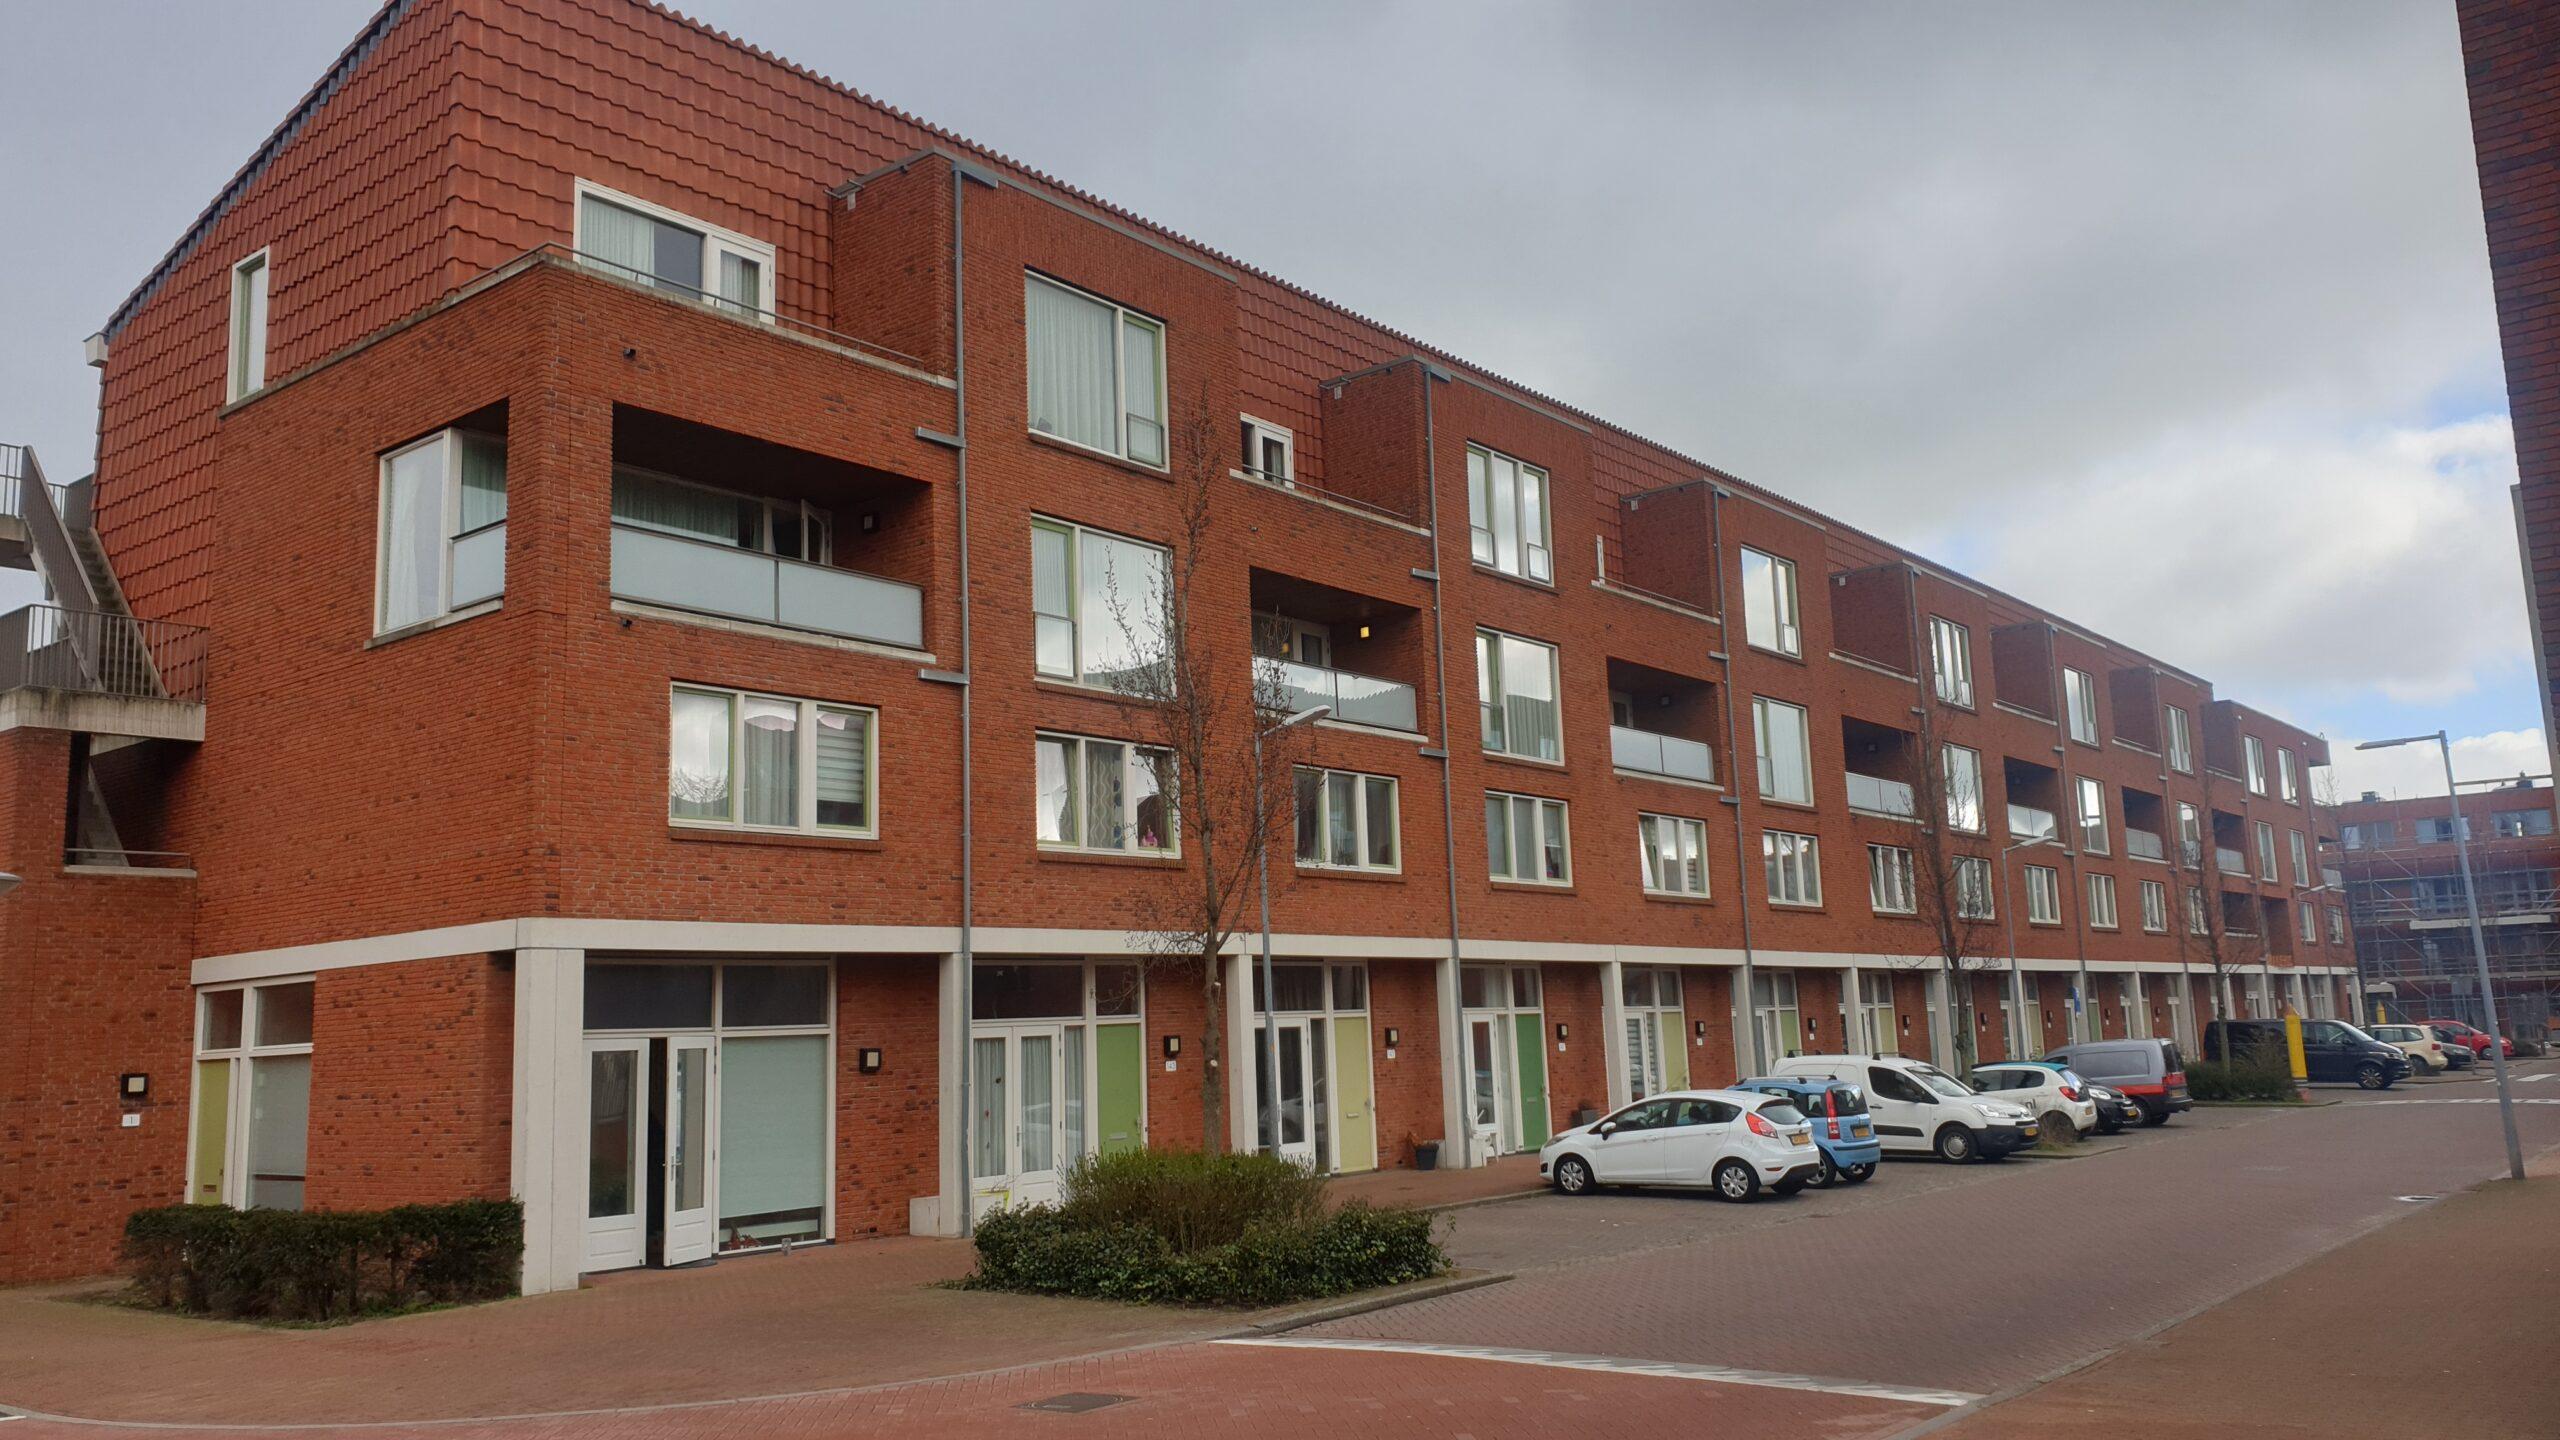 Hooftstraat, Alkmaar